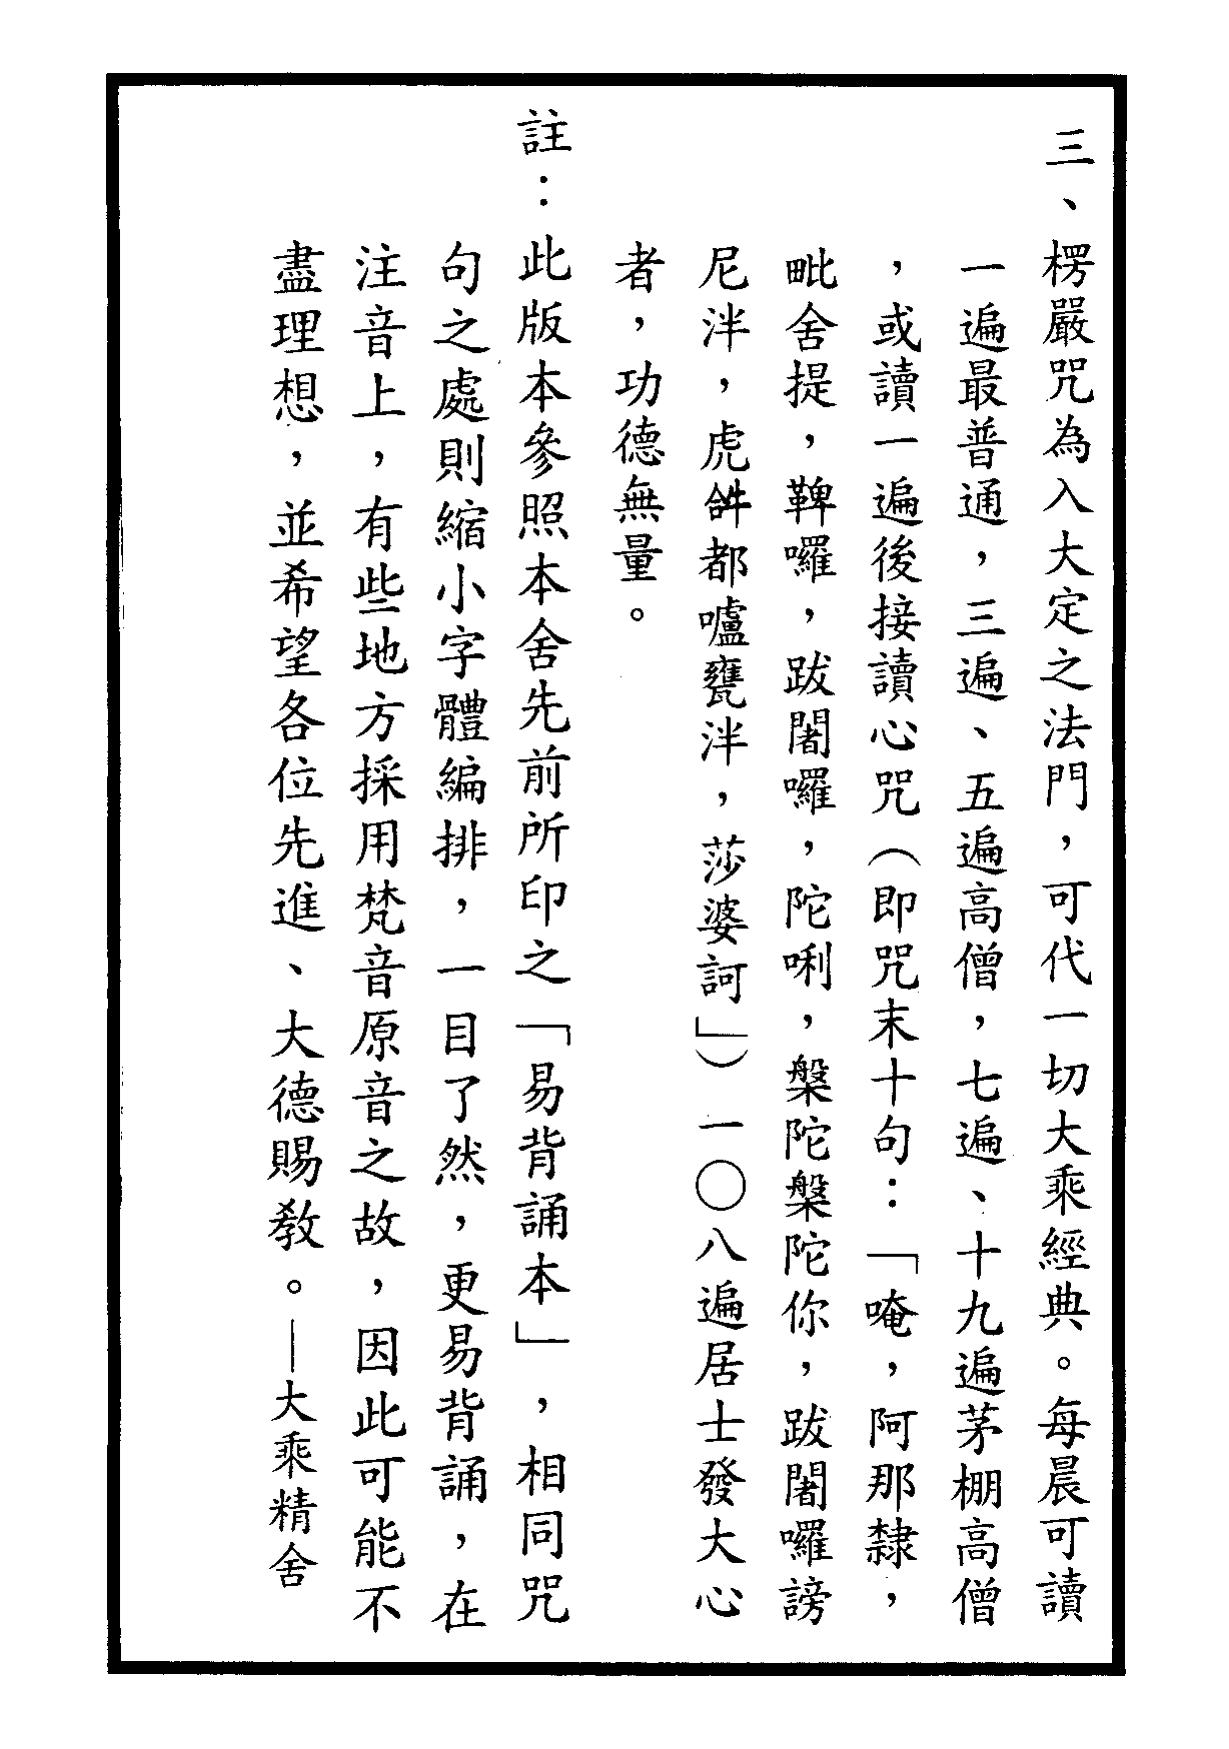 楞嚴咒-大悲咒-十小咒-易背本 6.png